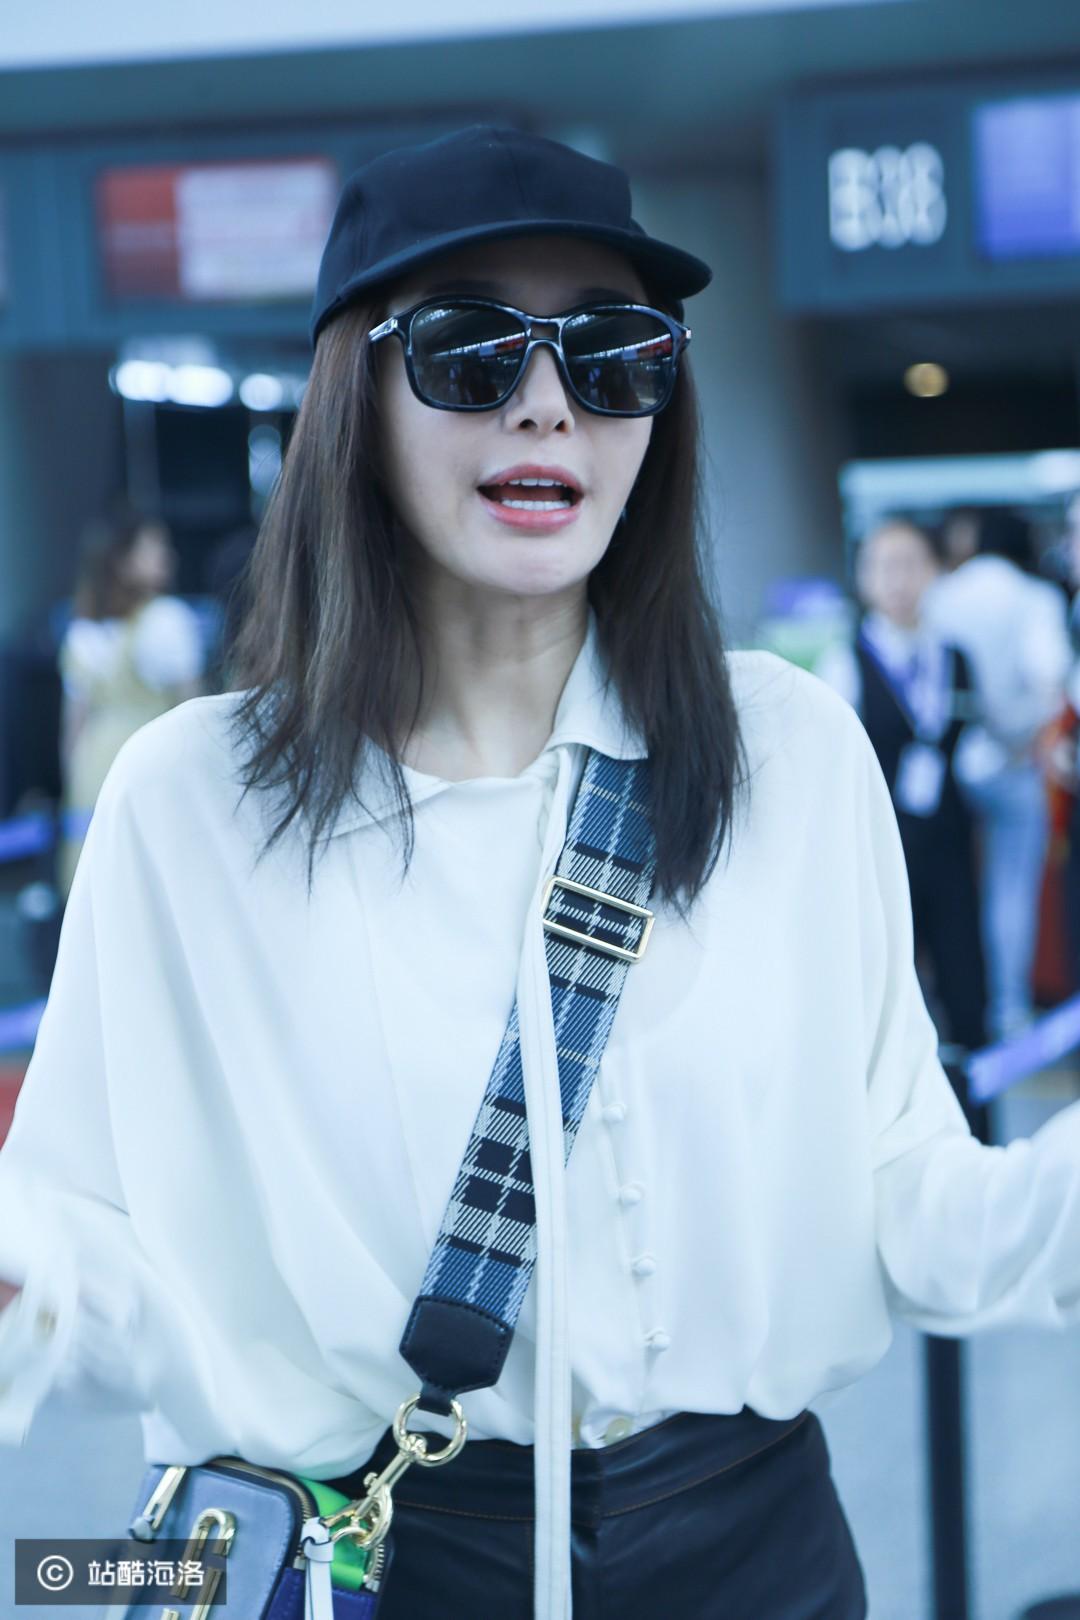 Xuất hiện ở sân bay, Hoàng hậu Tần Lam bị soi nhan sắc đời thường không lung linh như phim - Ảnh 4.